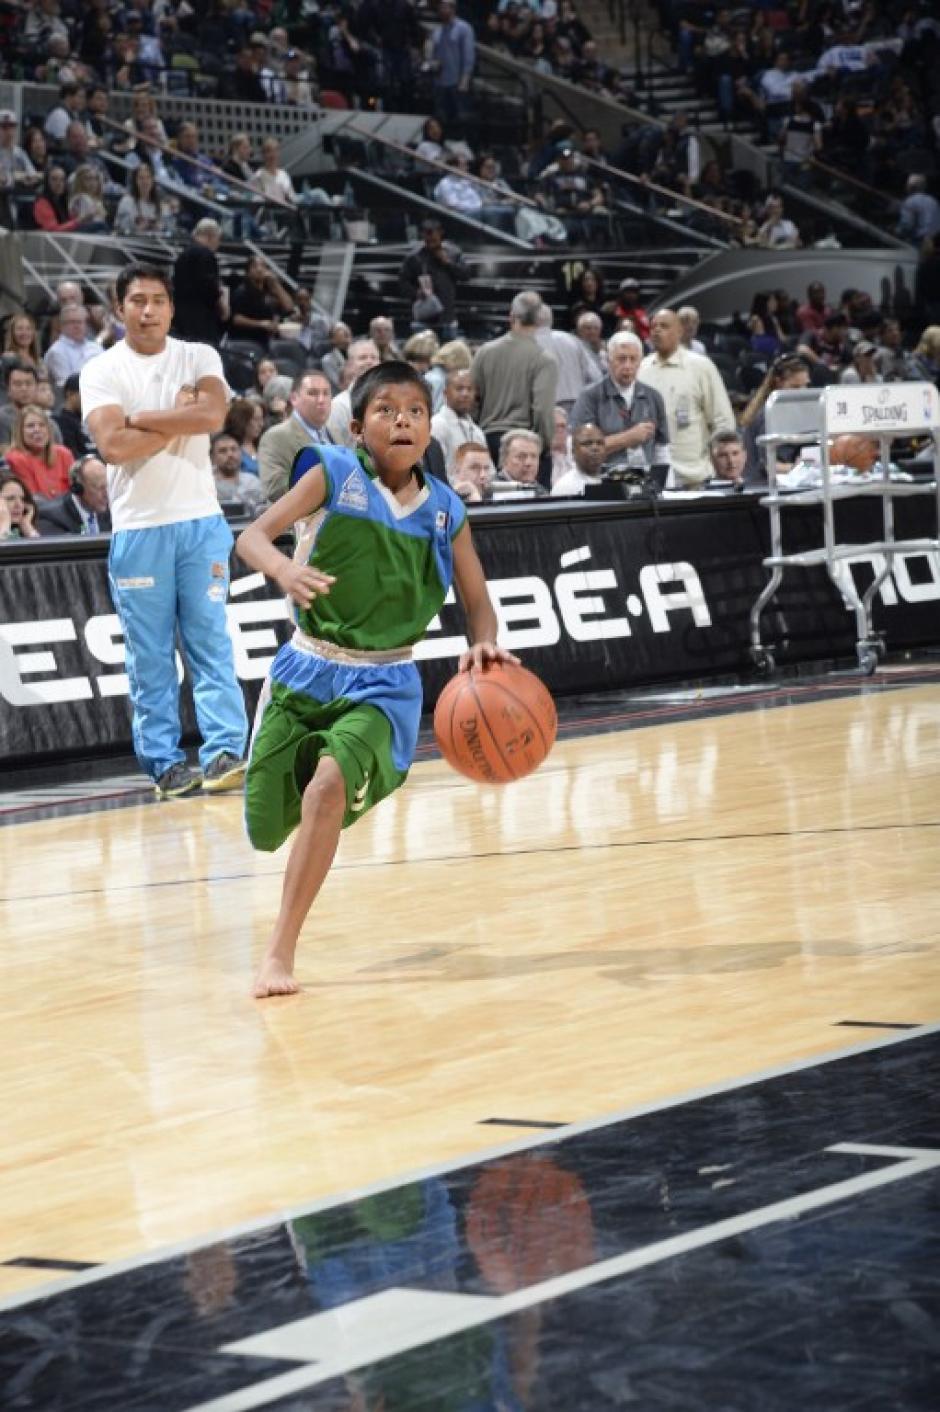 Los pequeños siguen cumpliendo sus sueños a través del baloncesto a pesar de vivir en zonas llenas de precariedad